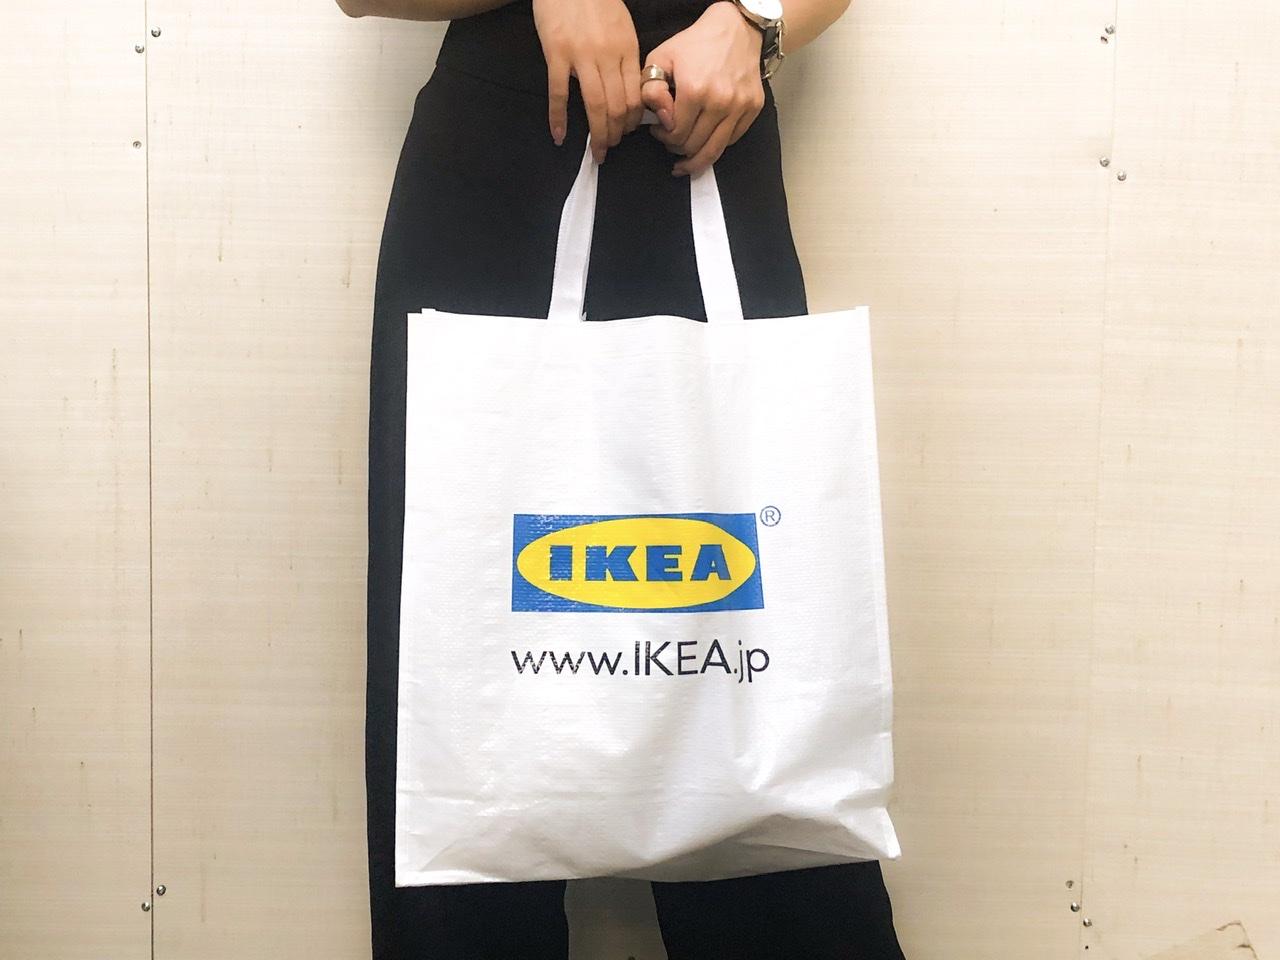 【エコバッグまとめ】激安『IKEA』、おしゃれな『ケイト・スペード』、オリジナルプリントまで! MOREインフルエンサーズが愛用中のブランドをチェック♡_3